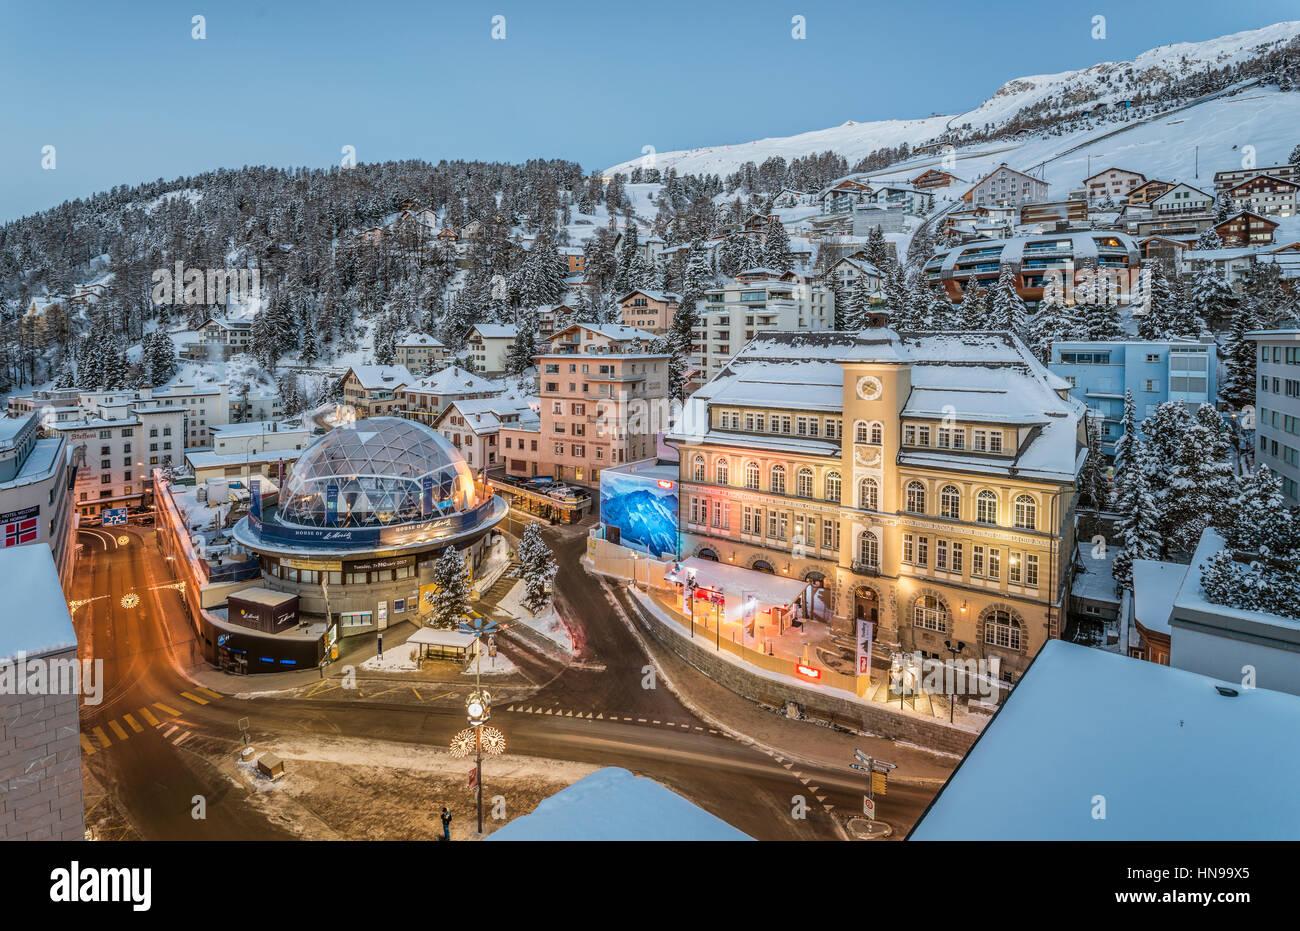 St.Moritz Schulhausplatz in Winter during FIS ALPINE WORLD SKI CHAMPIONSHIPS ST. MORITZ 2017 , Grisons, Switzerland Stock Photo